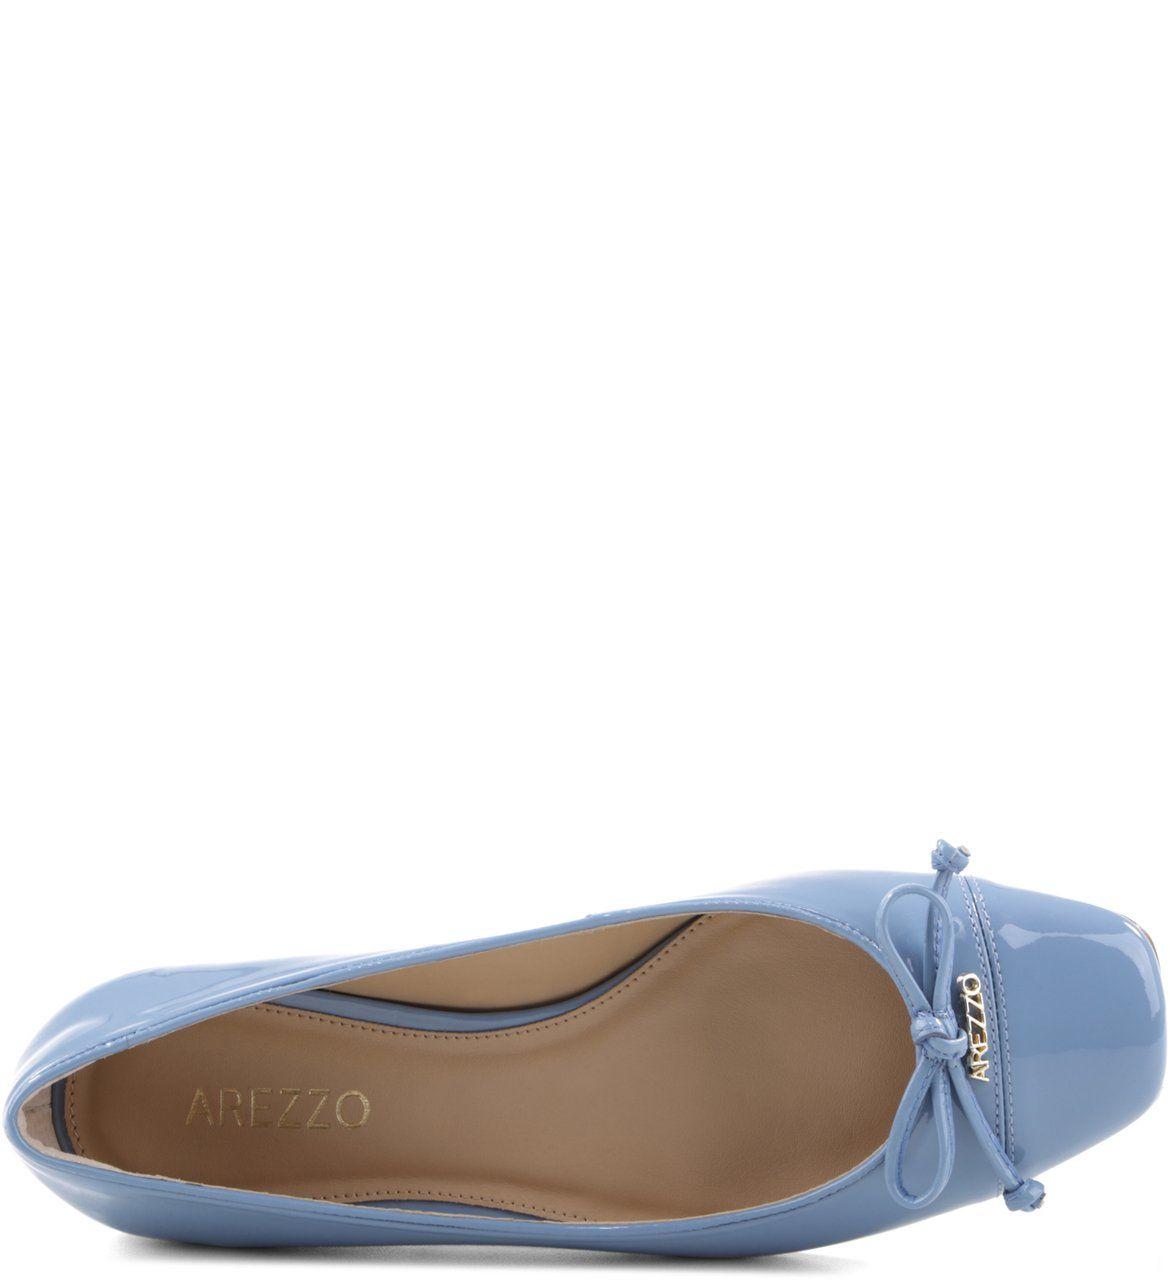 bf1a8d70d Sapatilha Glossy Acqua   Arezzo   calçados de 2019   Sapatos ...